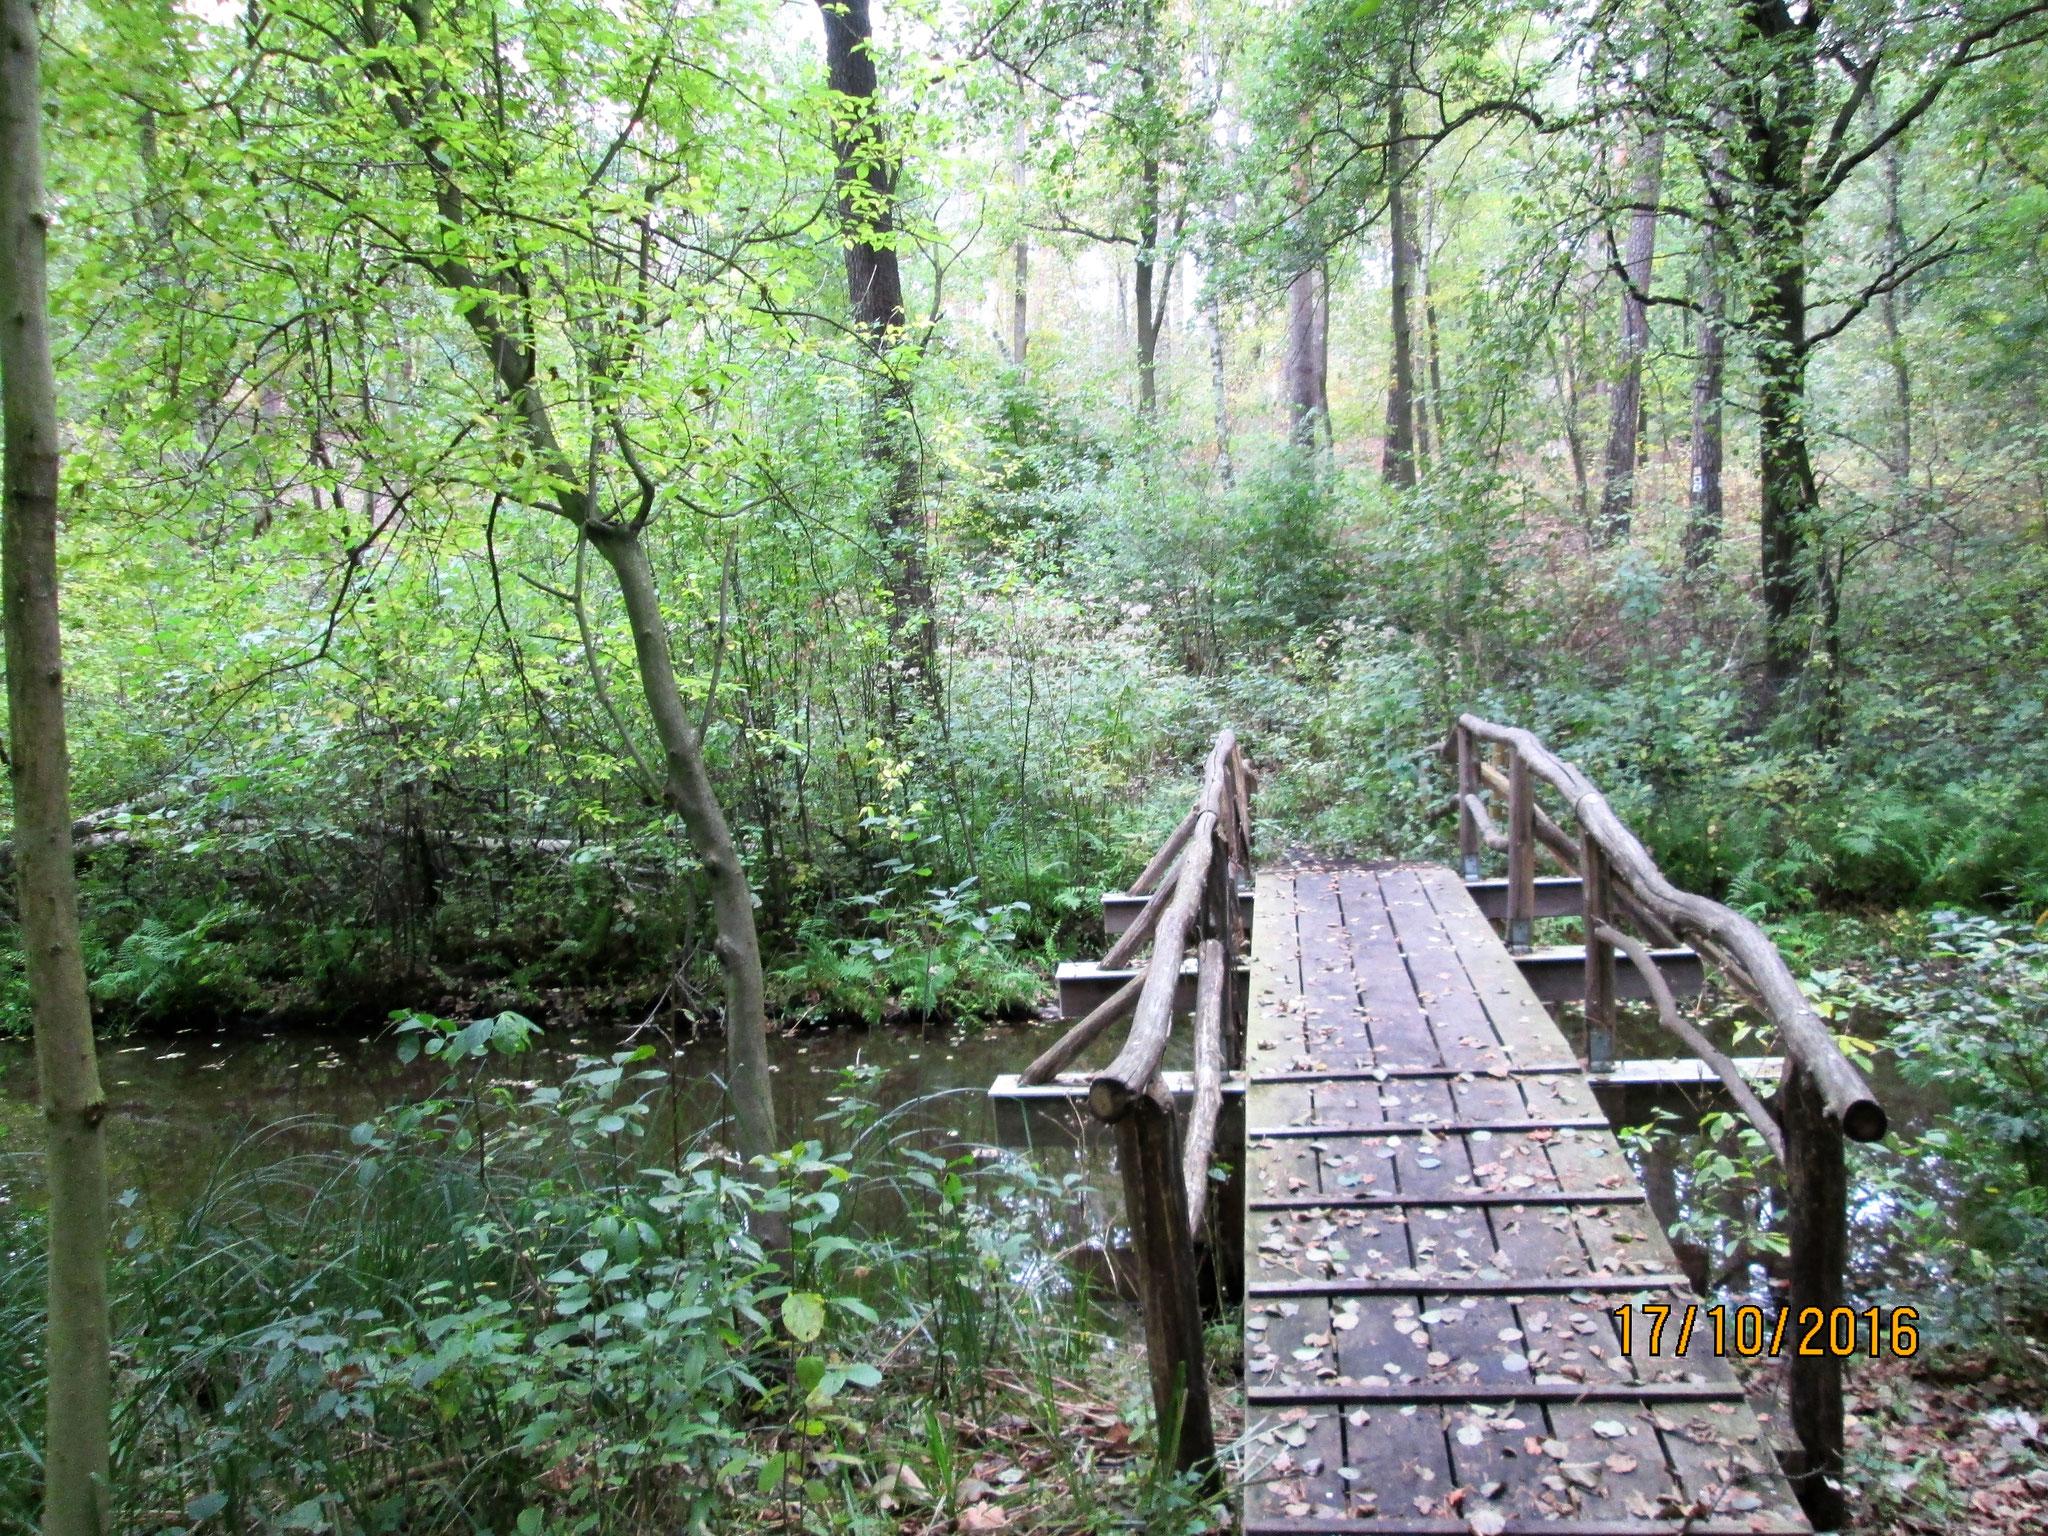 ... im Zauberwald zu sein, wo Märchen...